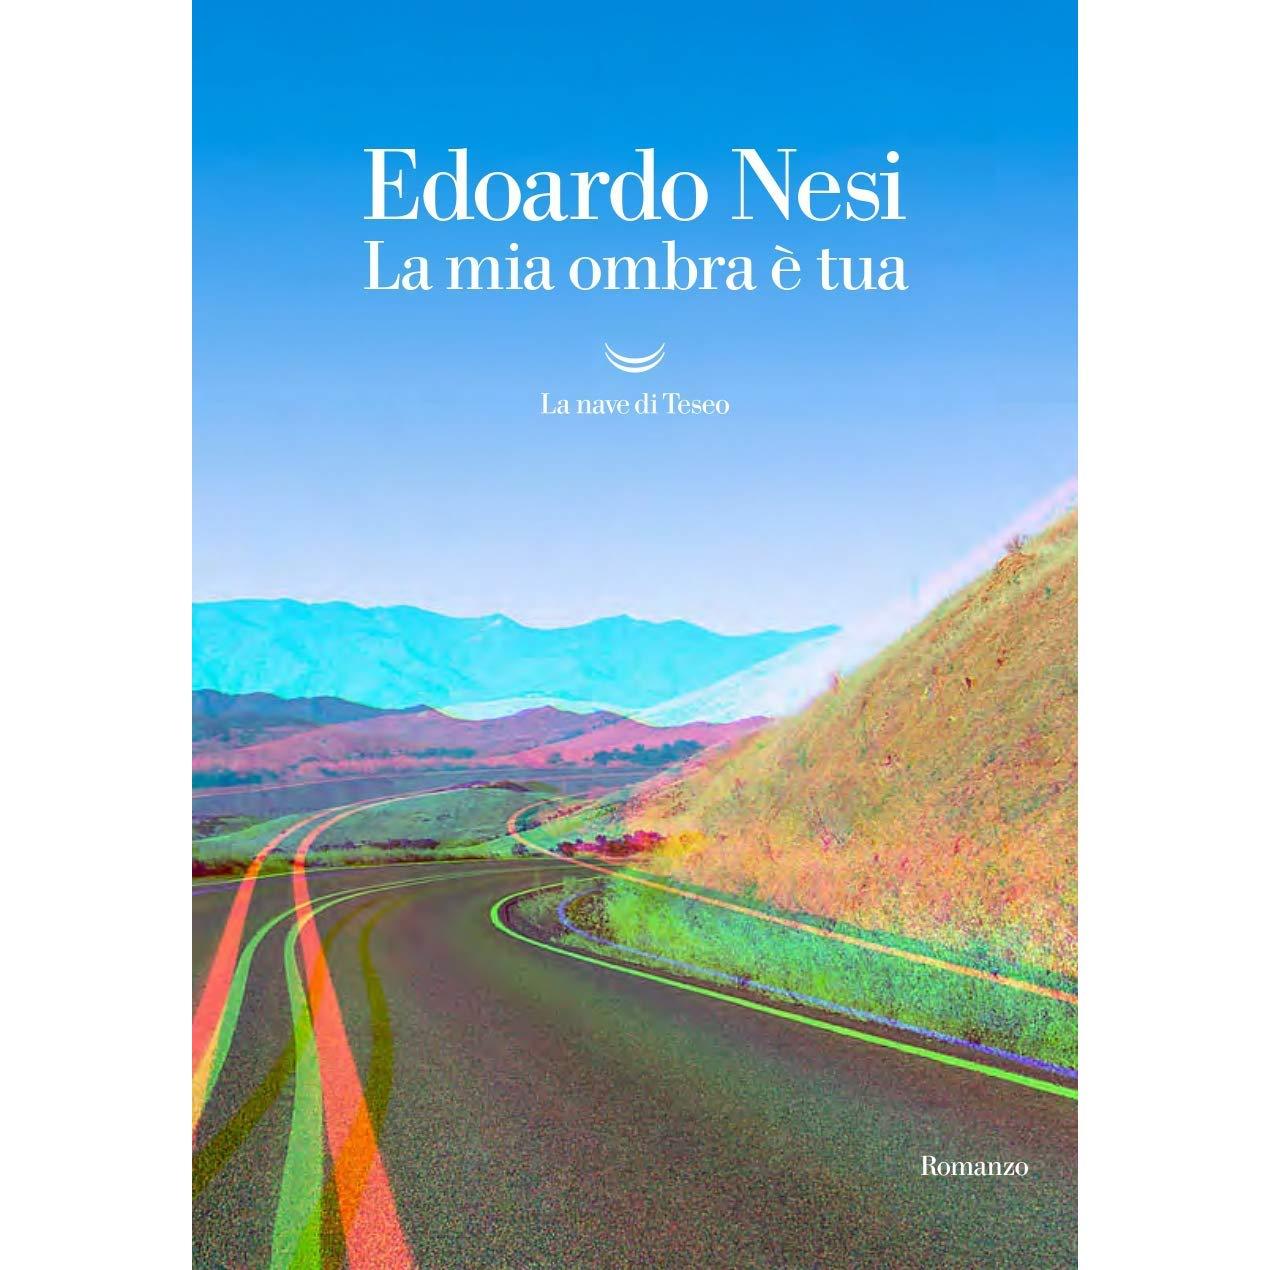 """Perché leggere """"La mia ombra è tua"""" di Edoardo Nesi"""